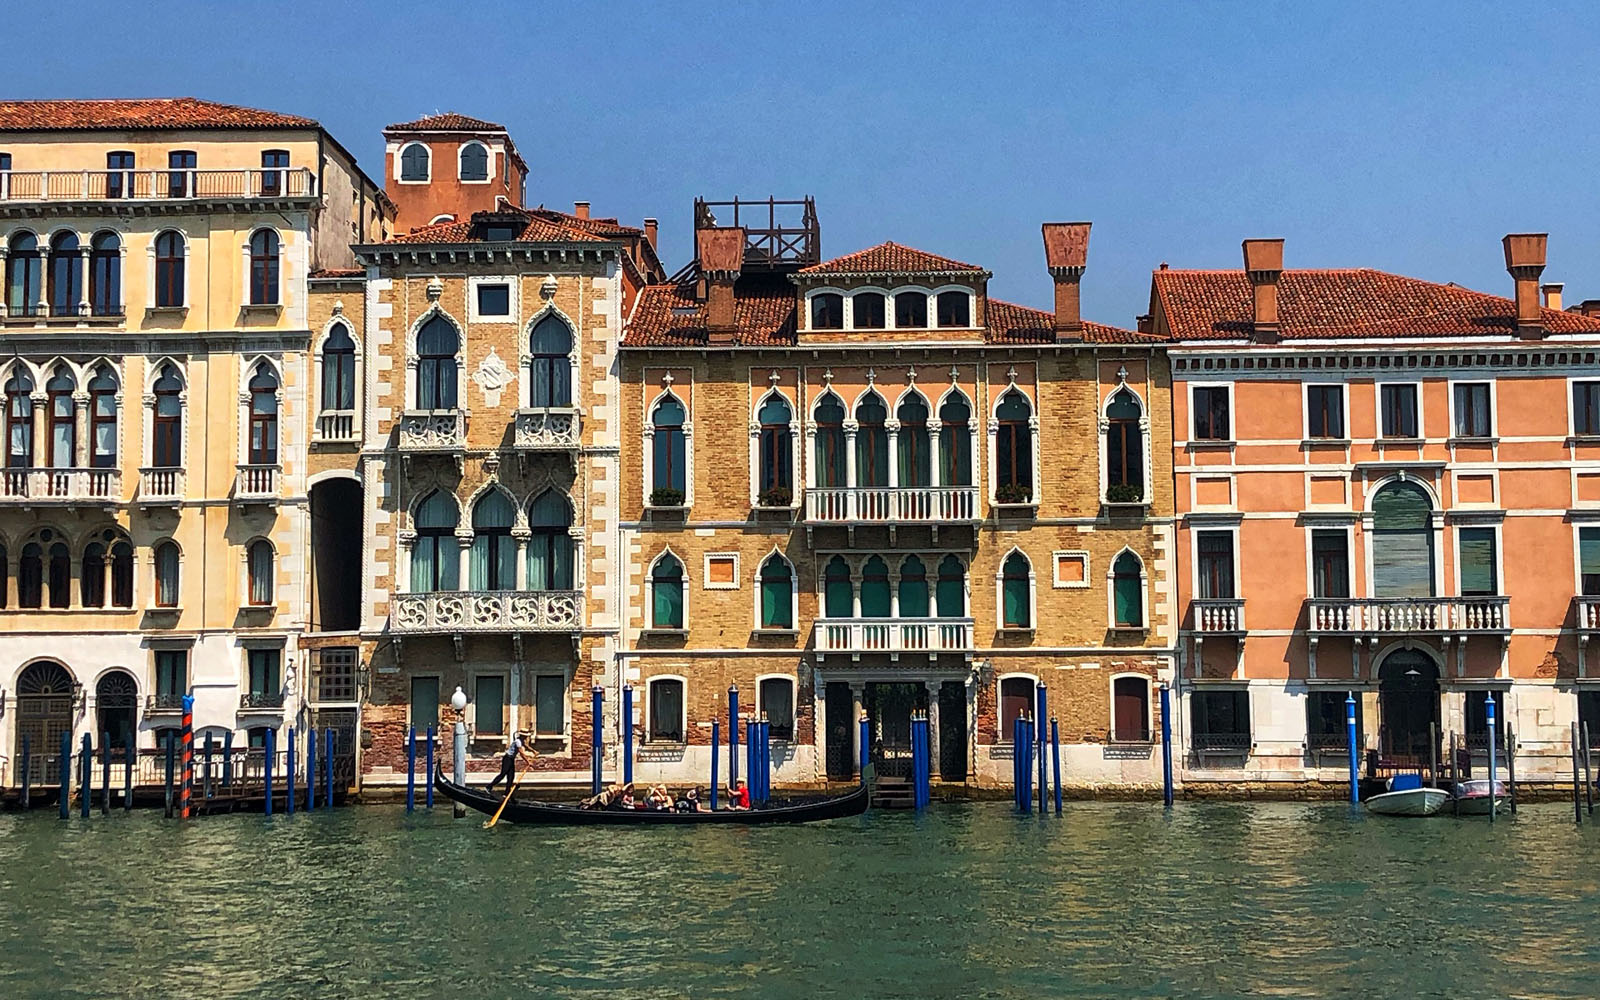 L'affaccio sul Canal Grande di Venezia.